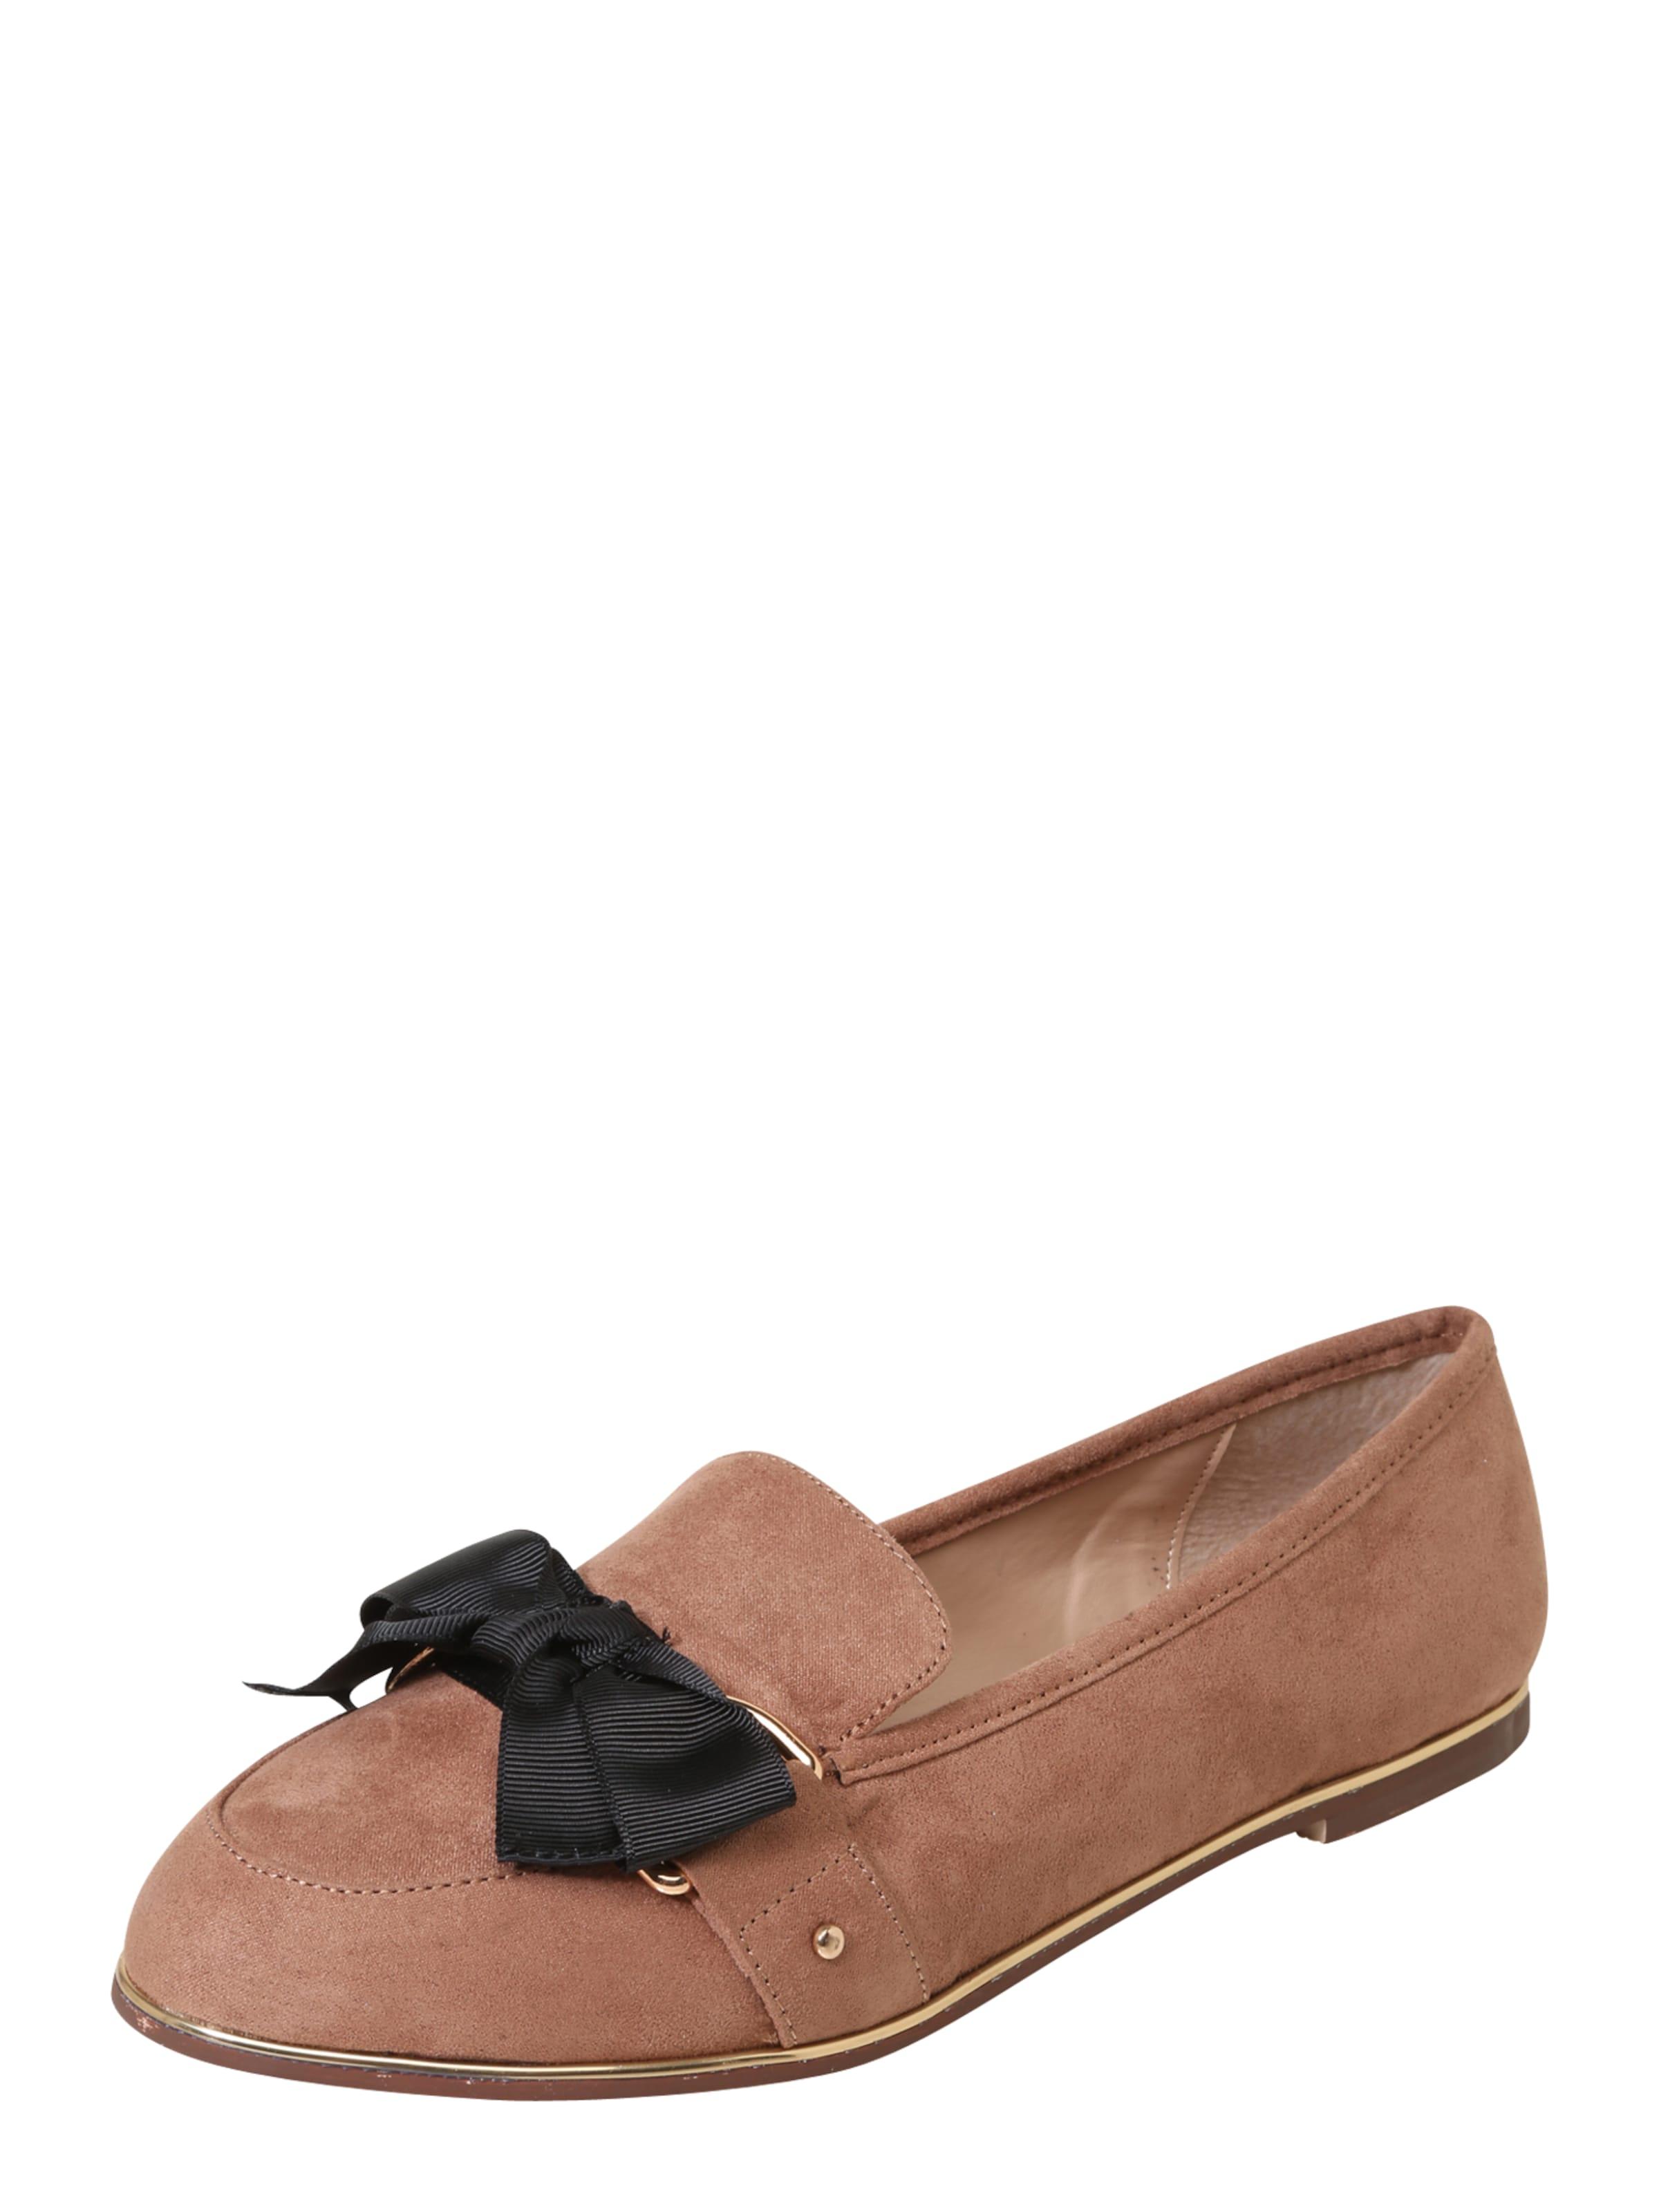 Miss KG Slipper MABLE Verschleißfeste billige Schuhe